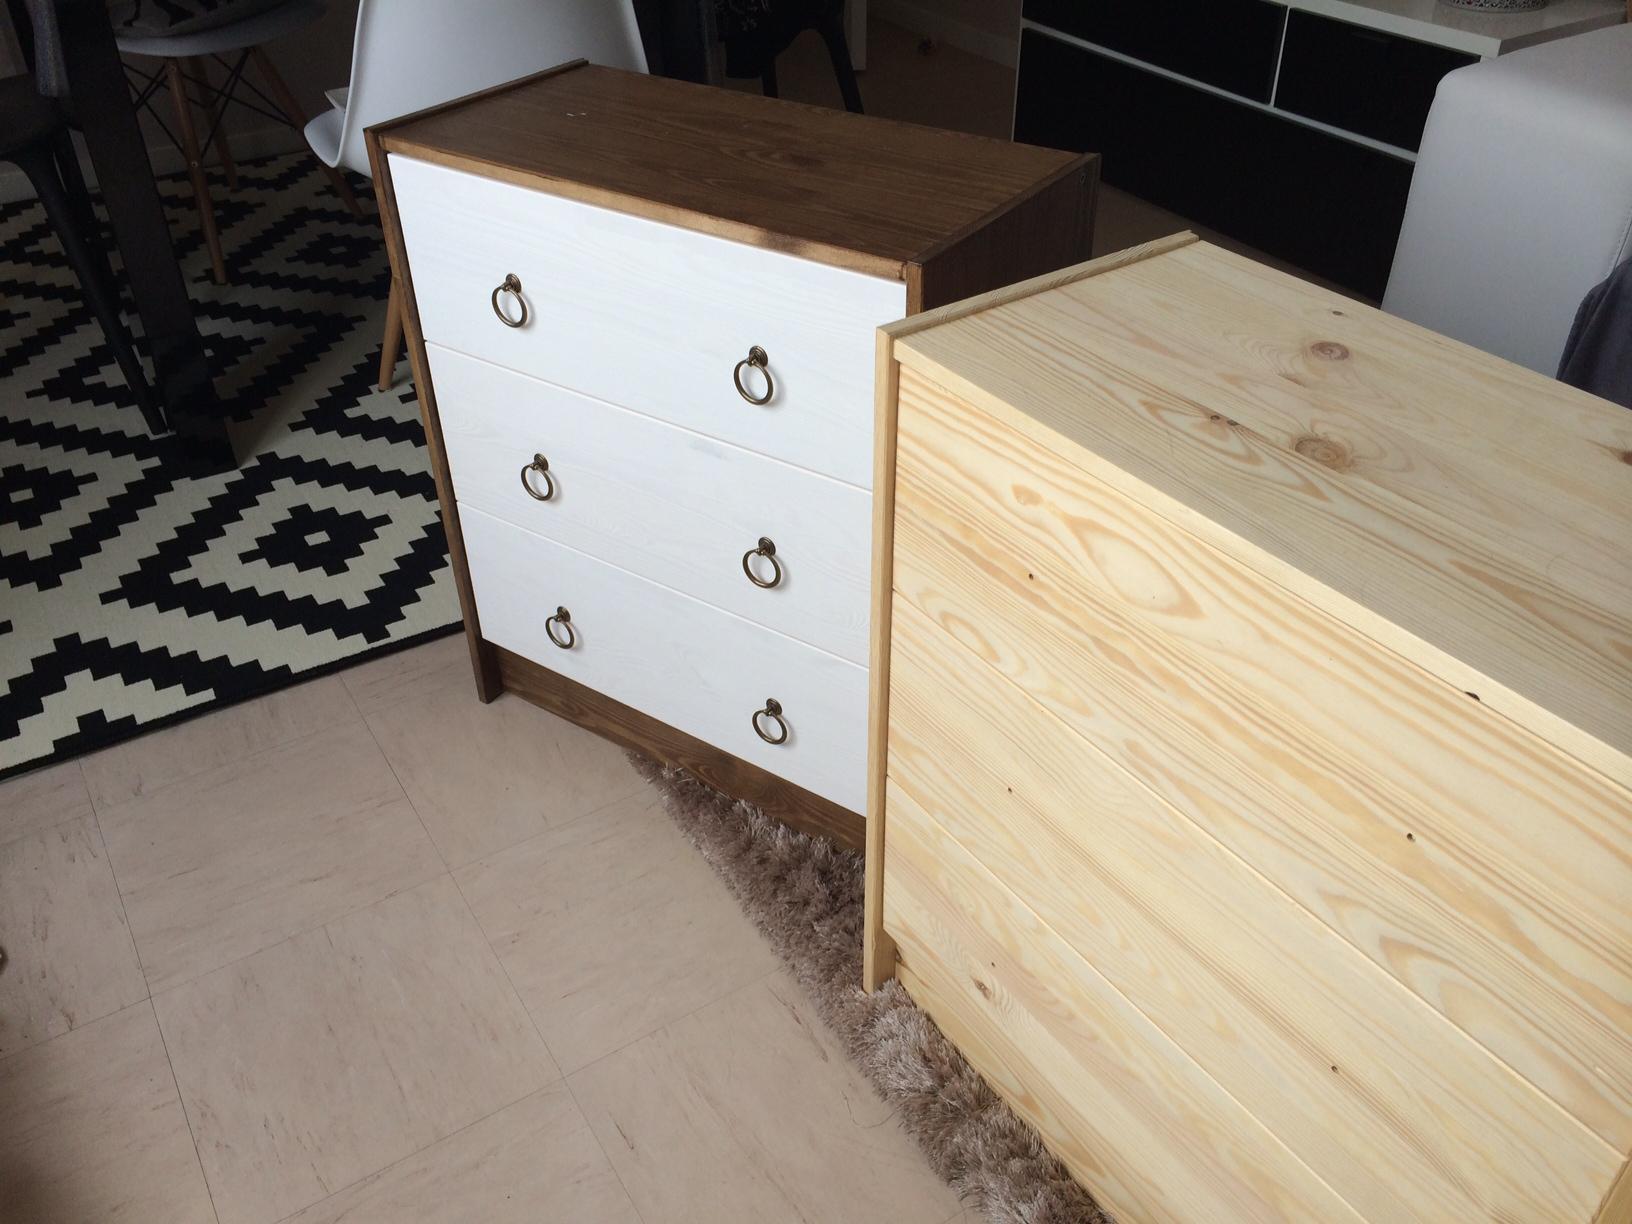 Une Commode Ikea Qui Prend Des Couleurs Blog D Co Chez Viviane # Meuble Bois Brut Ikea